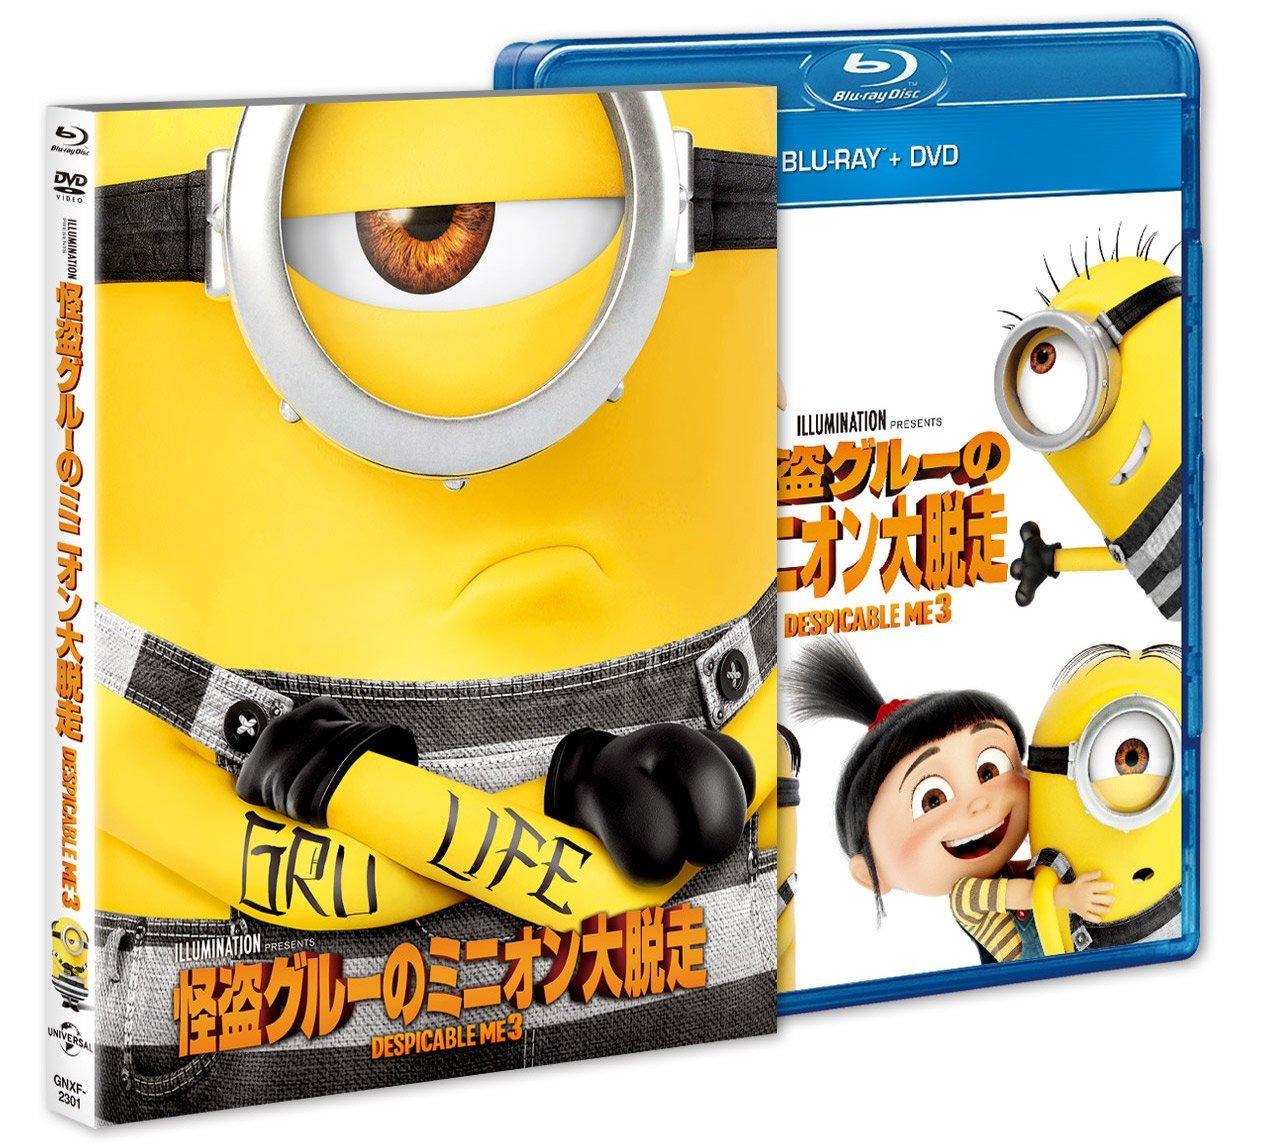 怪盗グルーのミニオン大脱走ブルーレイ+DVDセットBlu-ray・キッズ/ファミリー新品